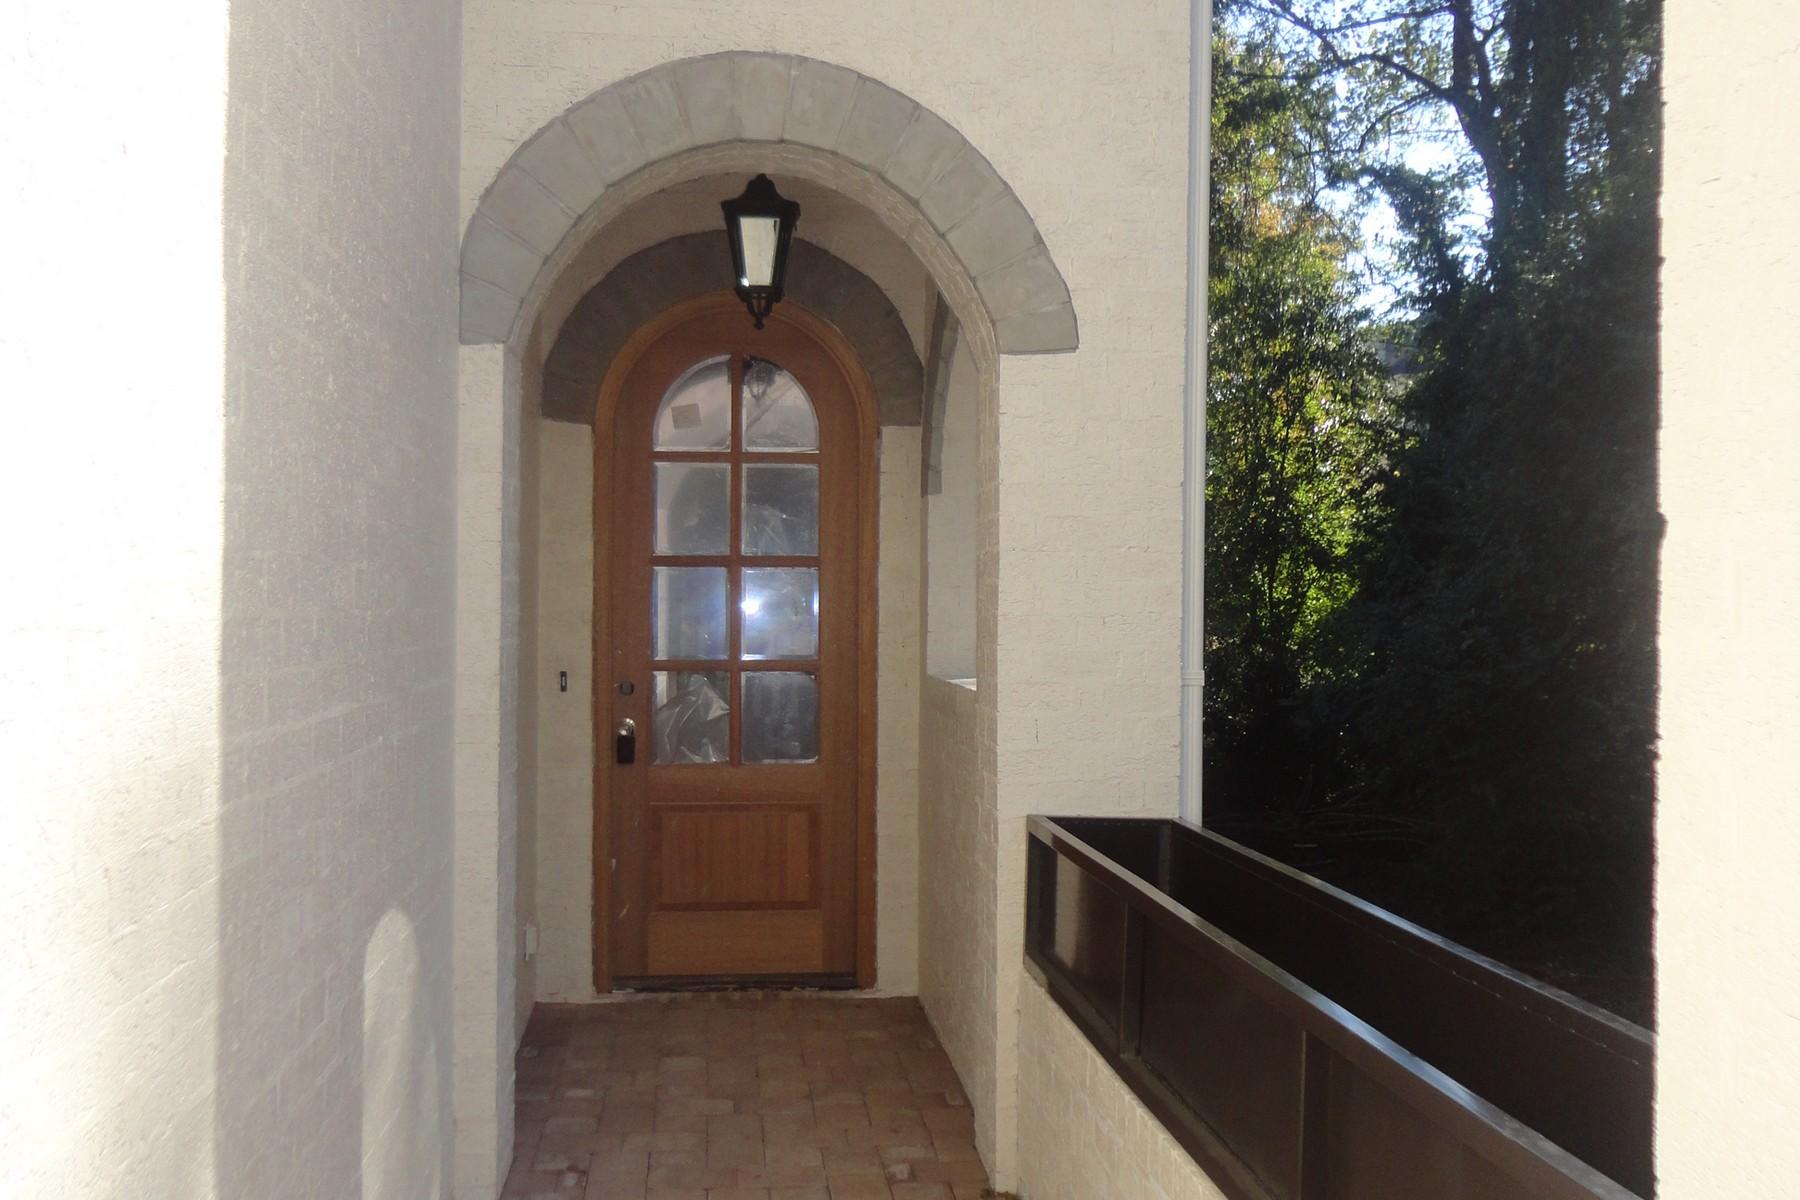 独户住宅 为 销售 在 3023 Lewis Farm Road 罗利, 北卡罗来纳州, 27607 美国在/周边: Cary, Chapel Hill, Durham